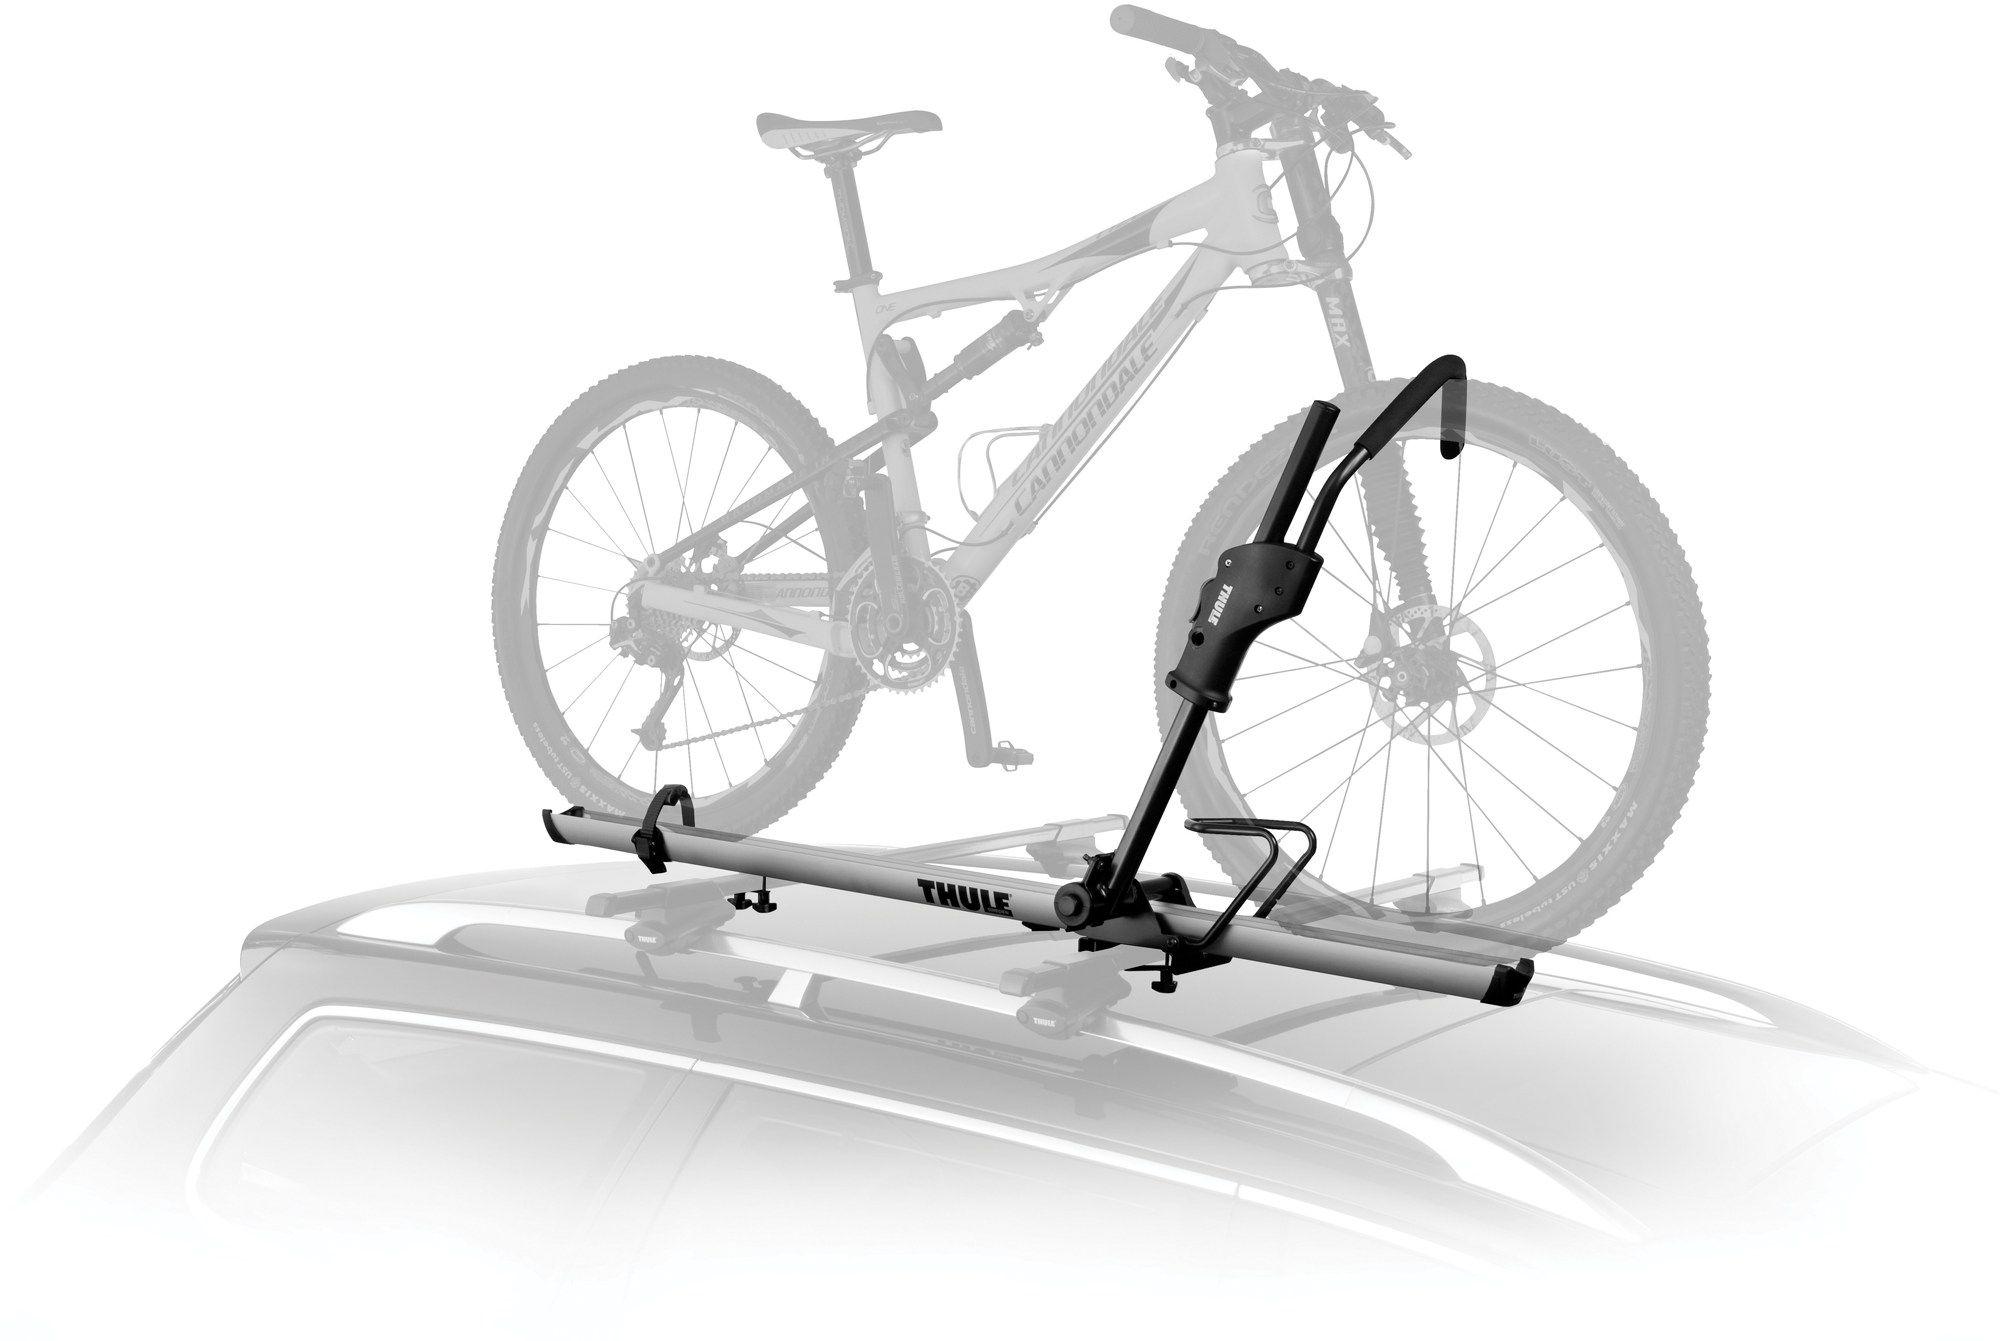 Thule Sidearm Universal Upright Bike Mount Roof mount